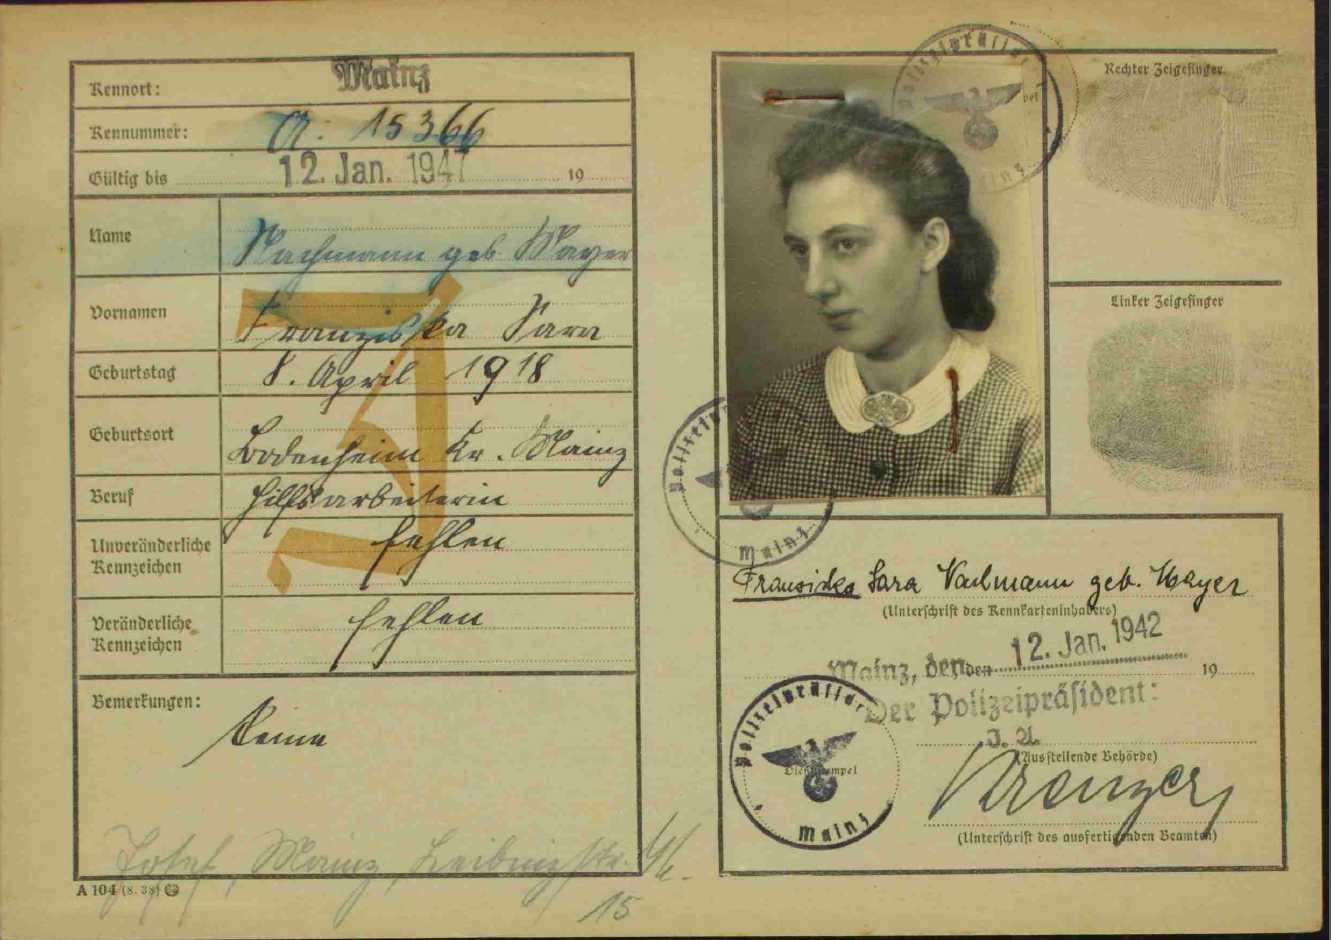 http://www.alemannia-judaica.de/images/Images%20384/Bodenheim%20KK%20MZ%20Nachmann%20Franziska.jpg